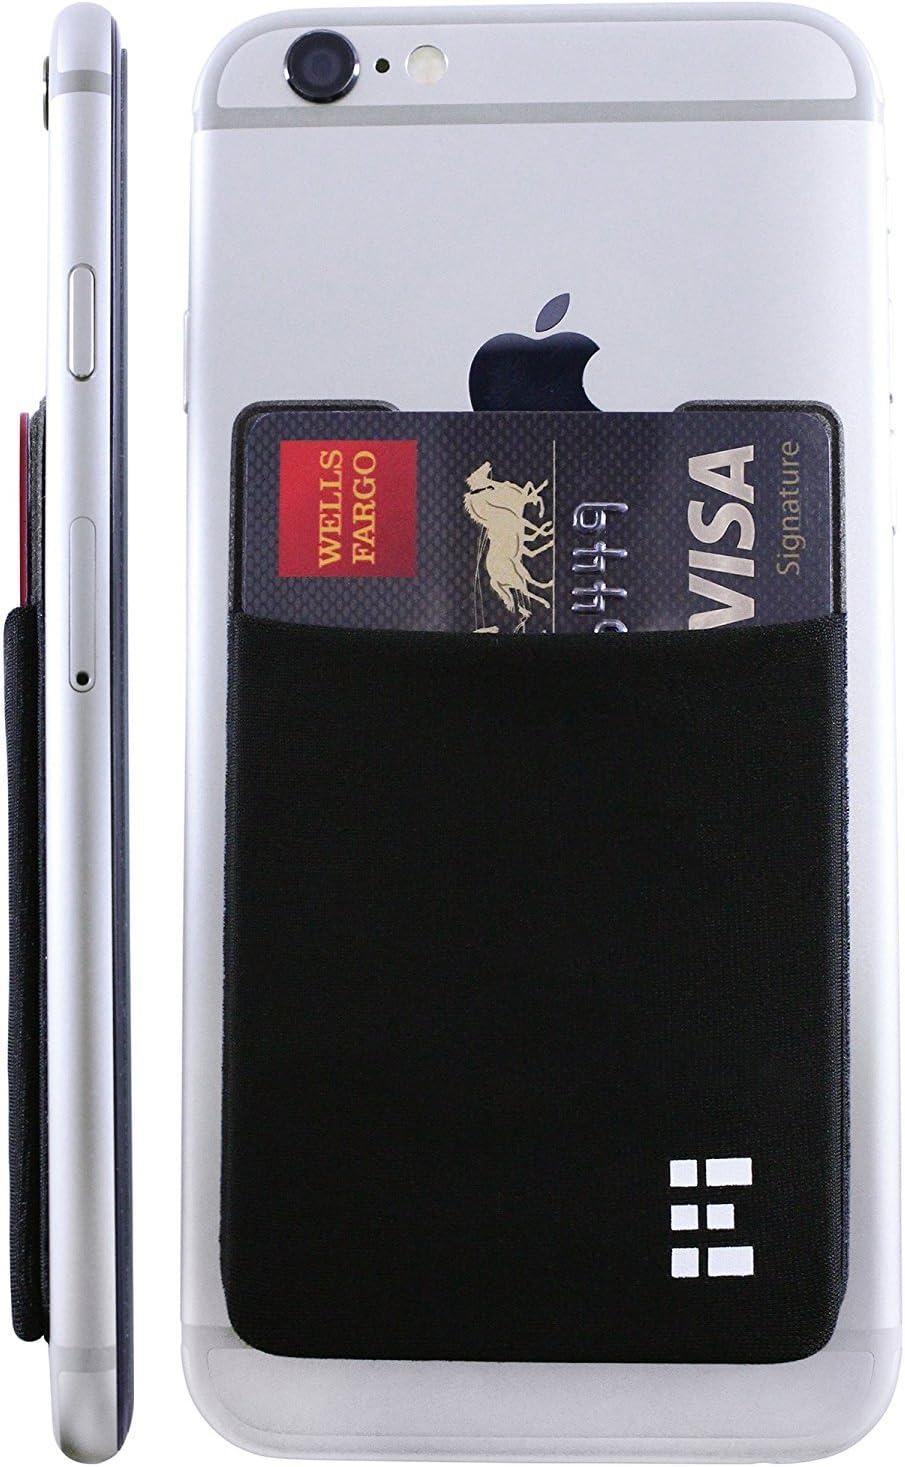 Zero Grid Handy Kartenhalter mit RFID Blocker